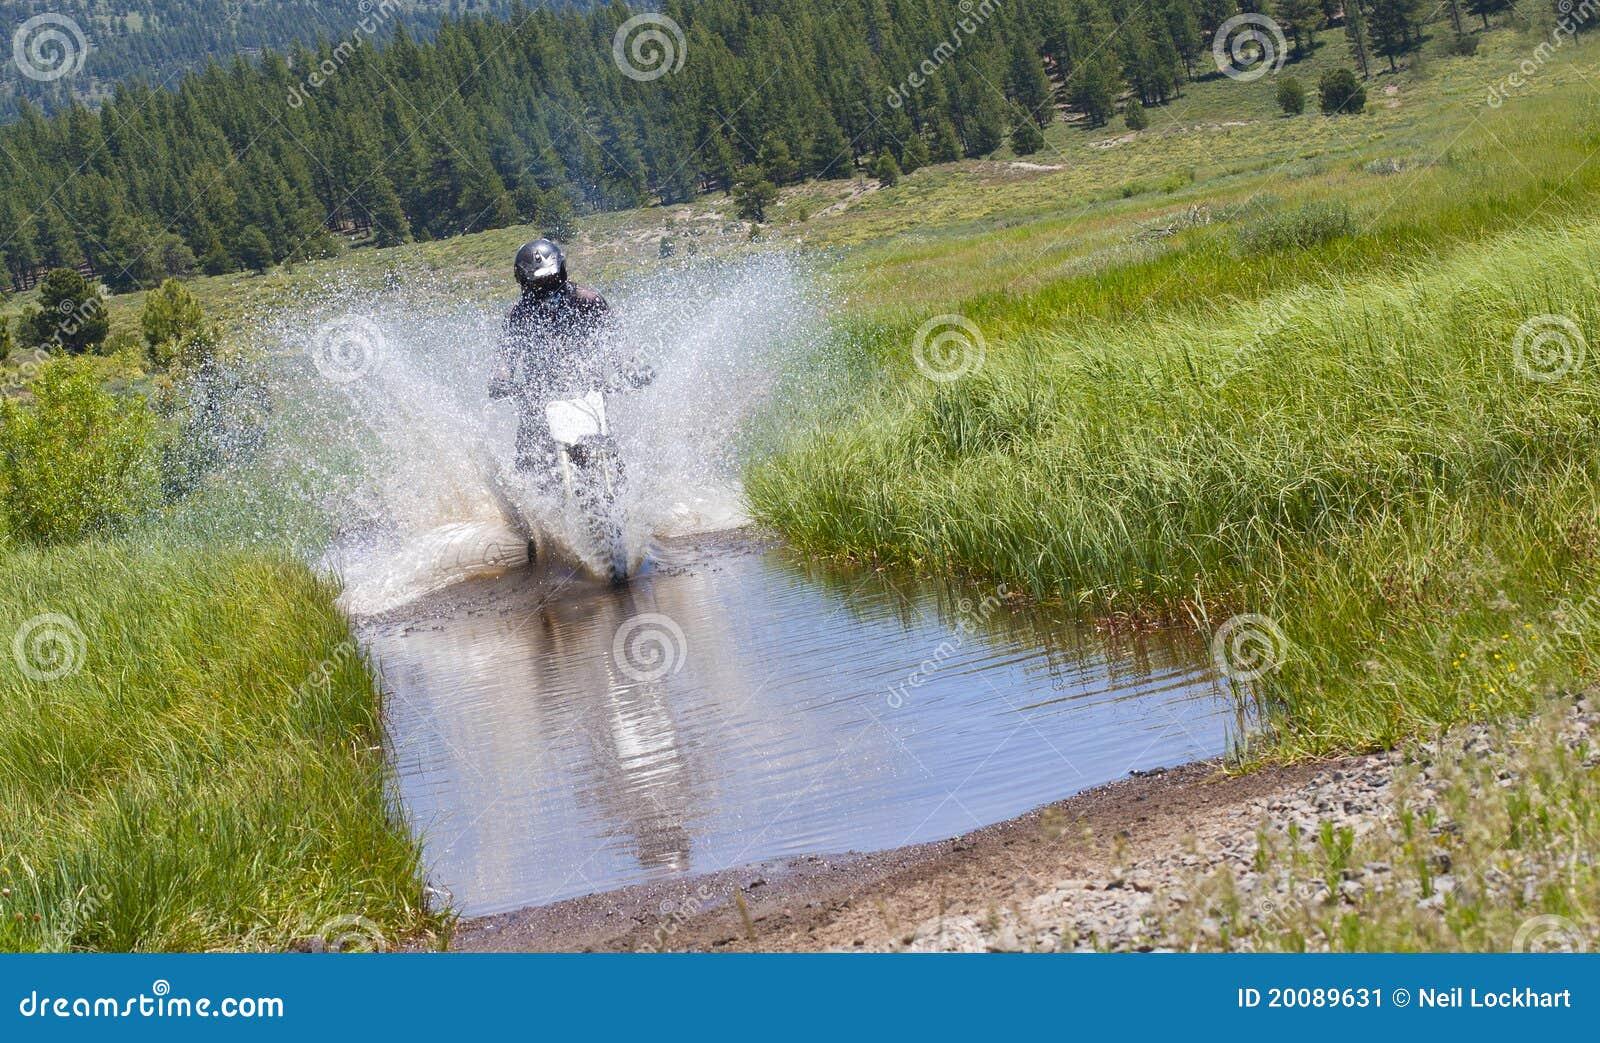 Dirt Bike Water Crossing Stock Image Image 20089631